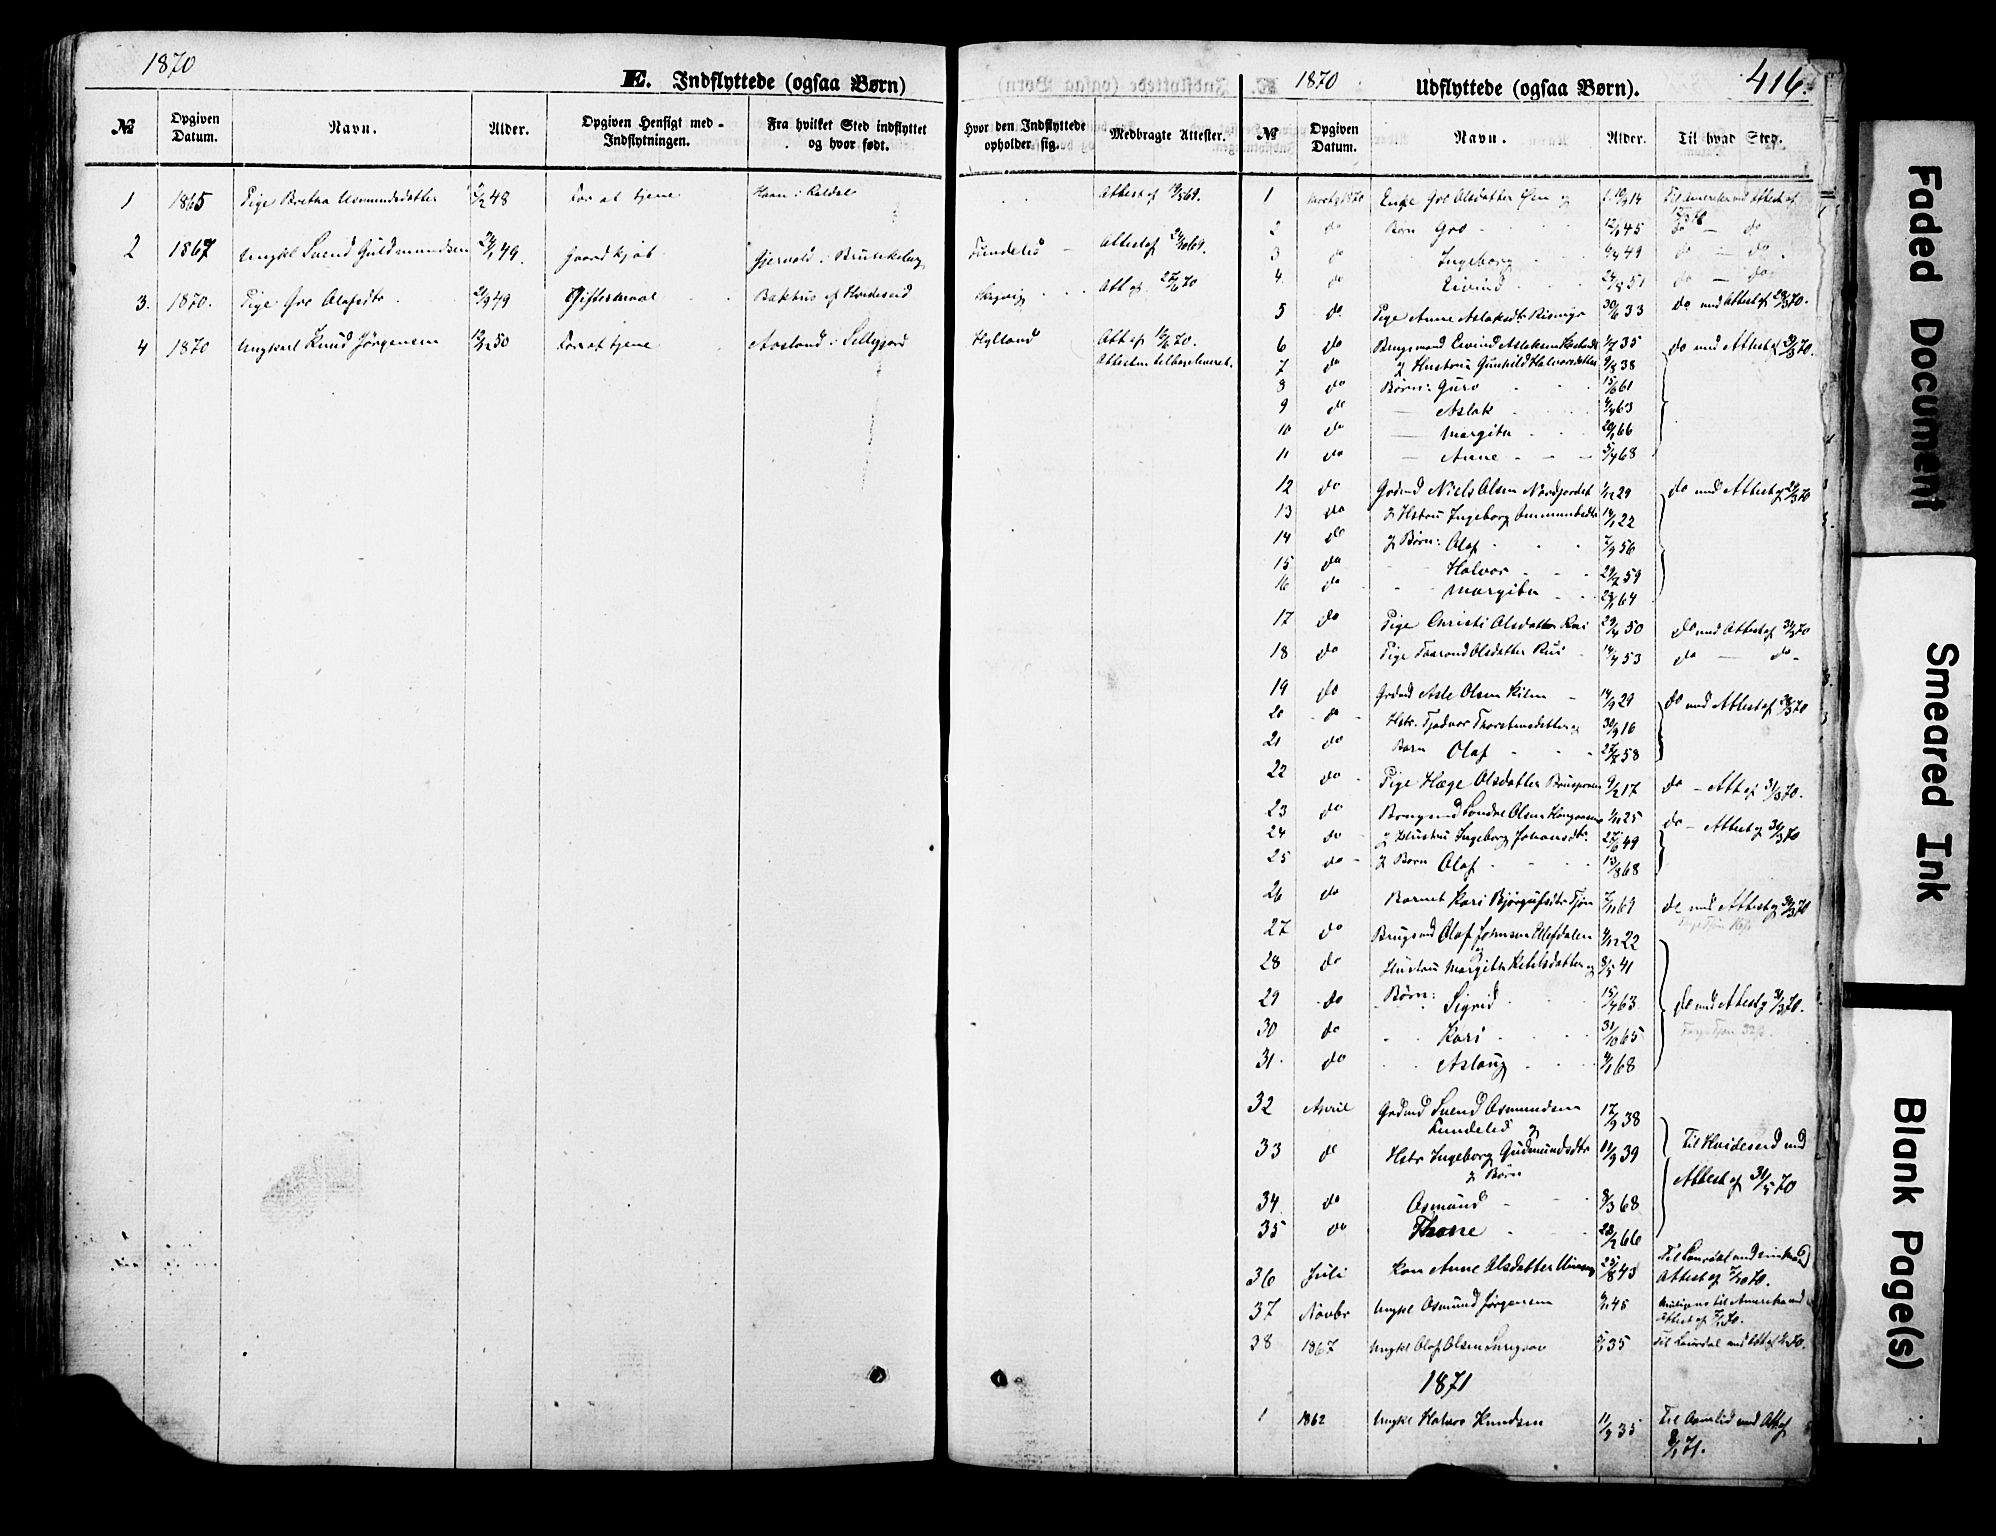 SAKO, Vinje kirkebøker, F/Fa/L0005: Ministerialbok nr. I 5, 1870-1886, s. 416